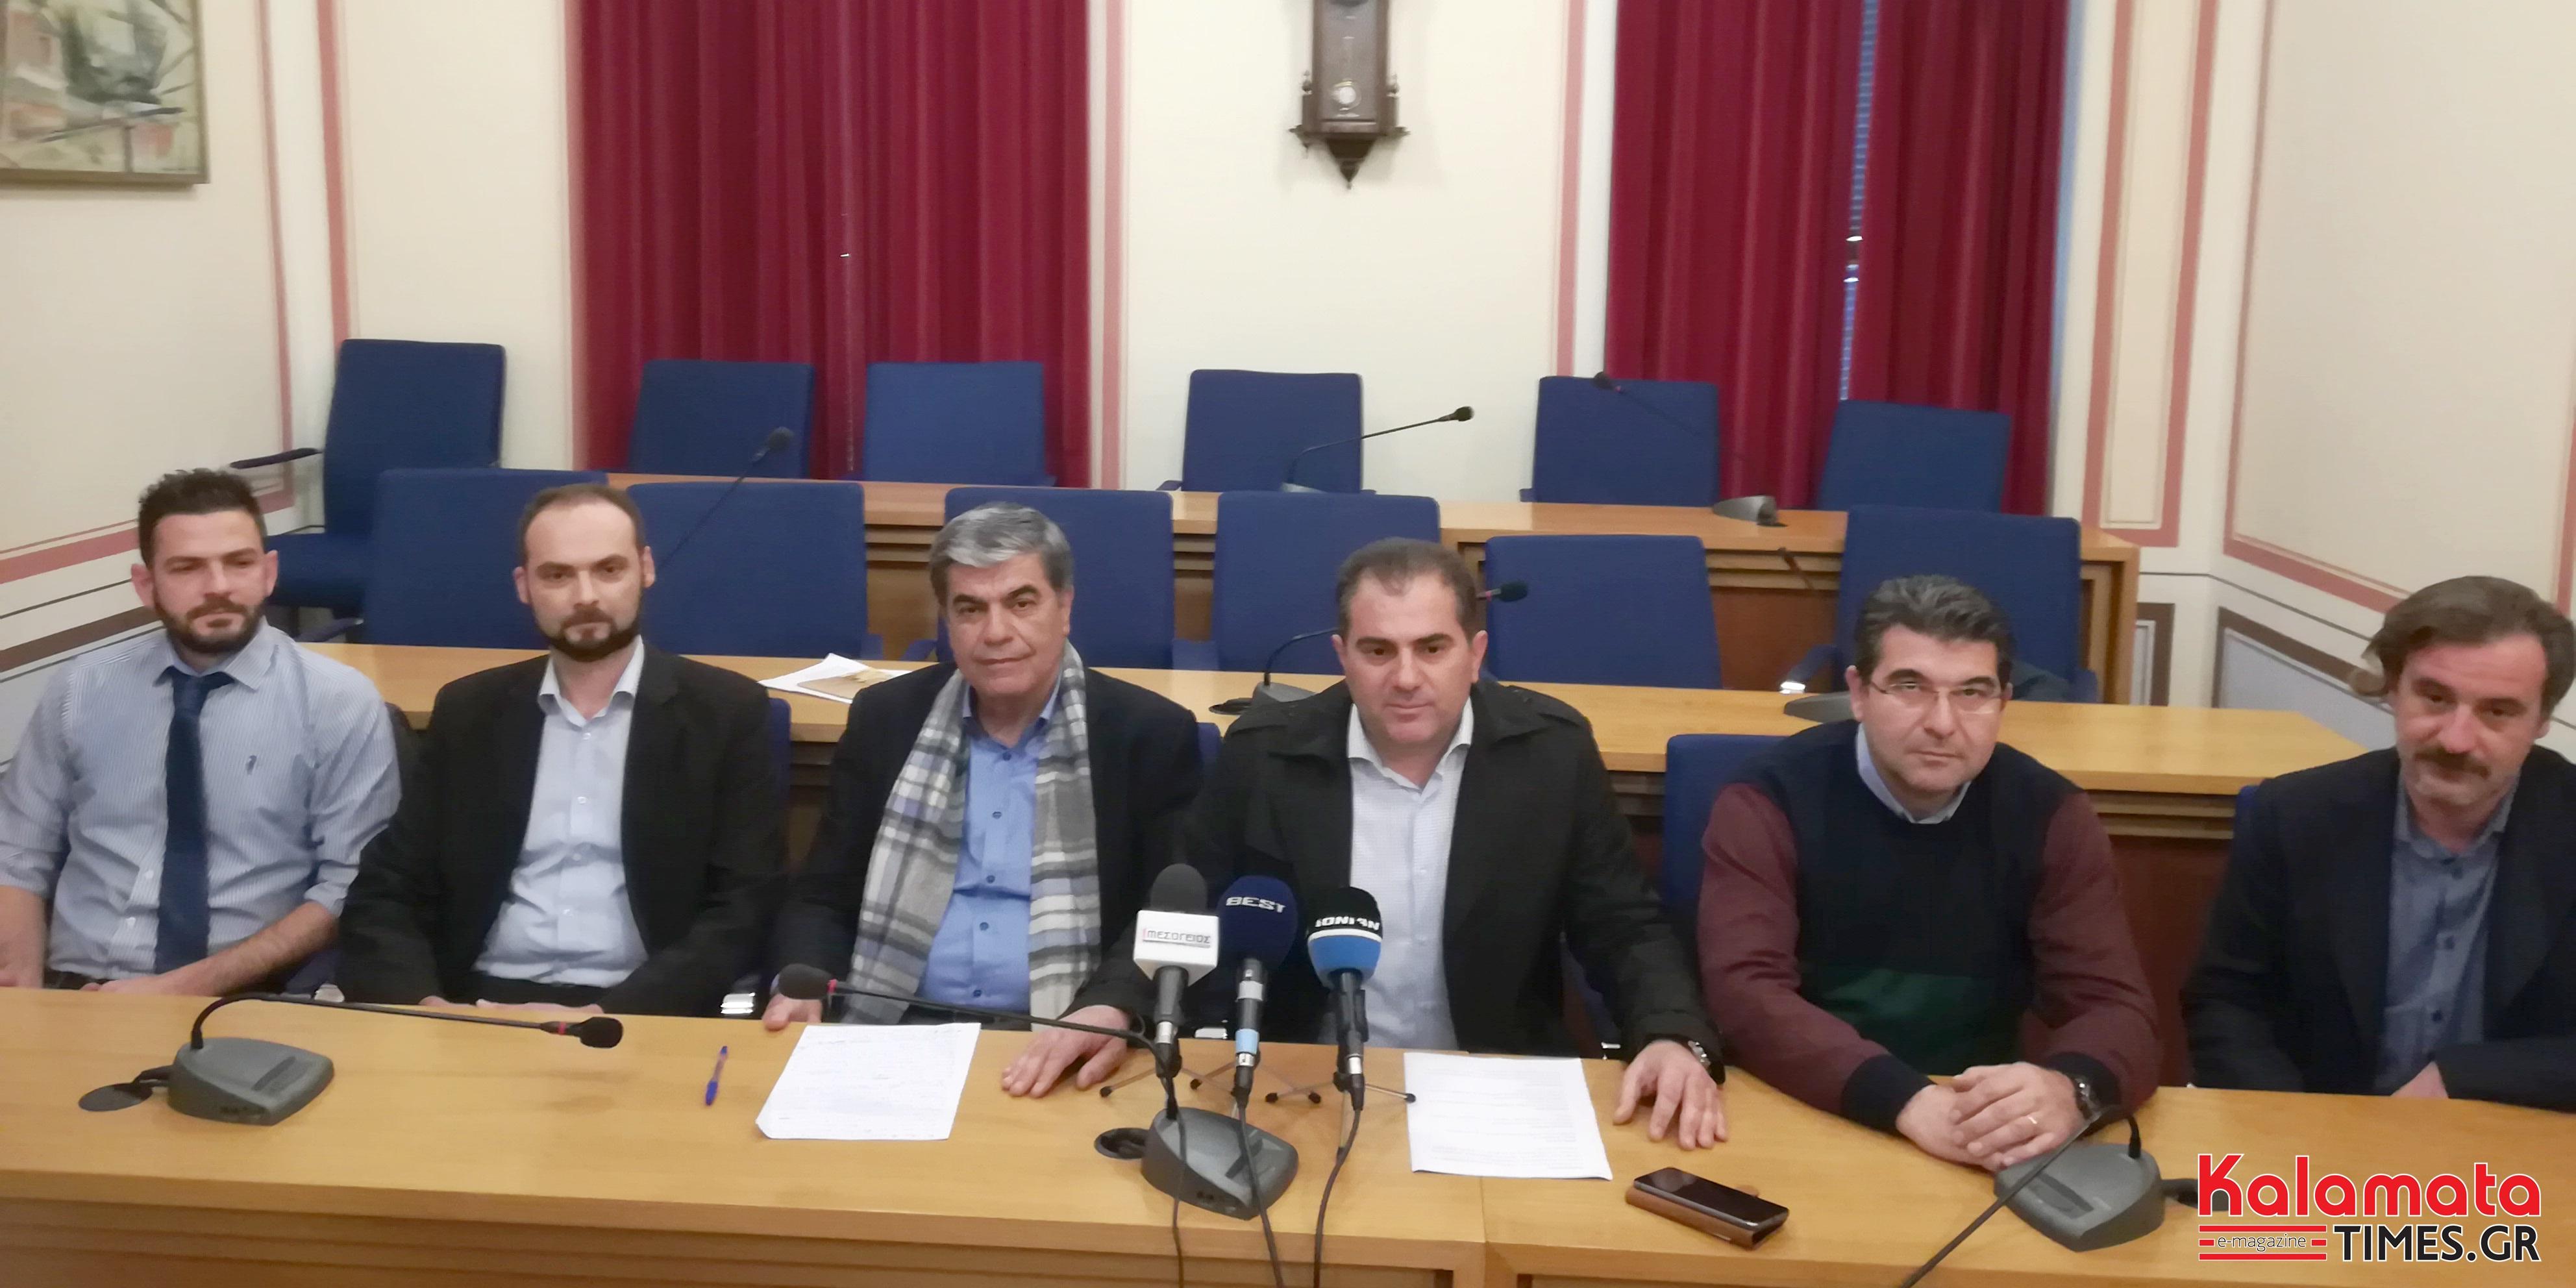 """Θανάσης Βασιλόπουλος, πρώτος μεταξύ ίσων στη """"Δημιουργική πρωτοβουλία για το Δήμο Καλαμάτας"""" 6"""